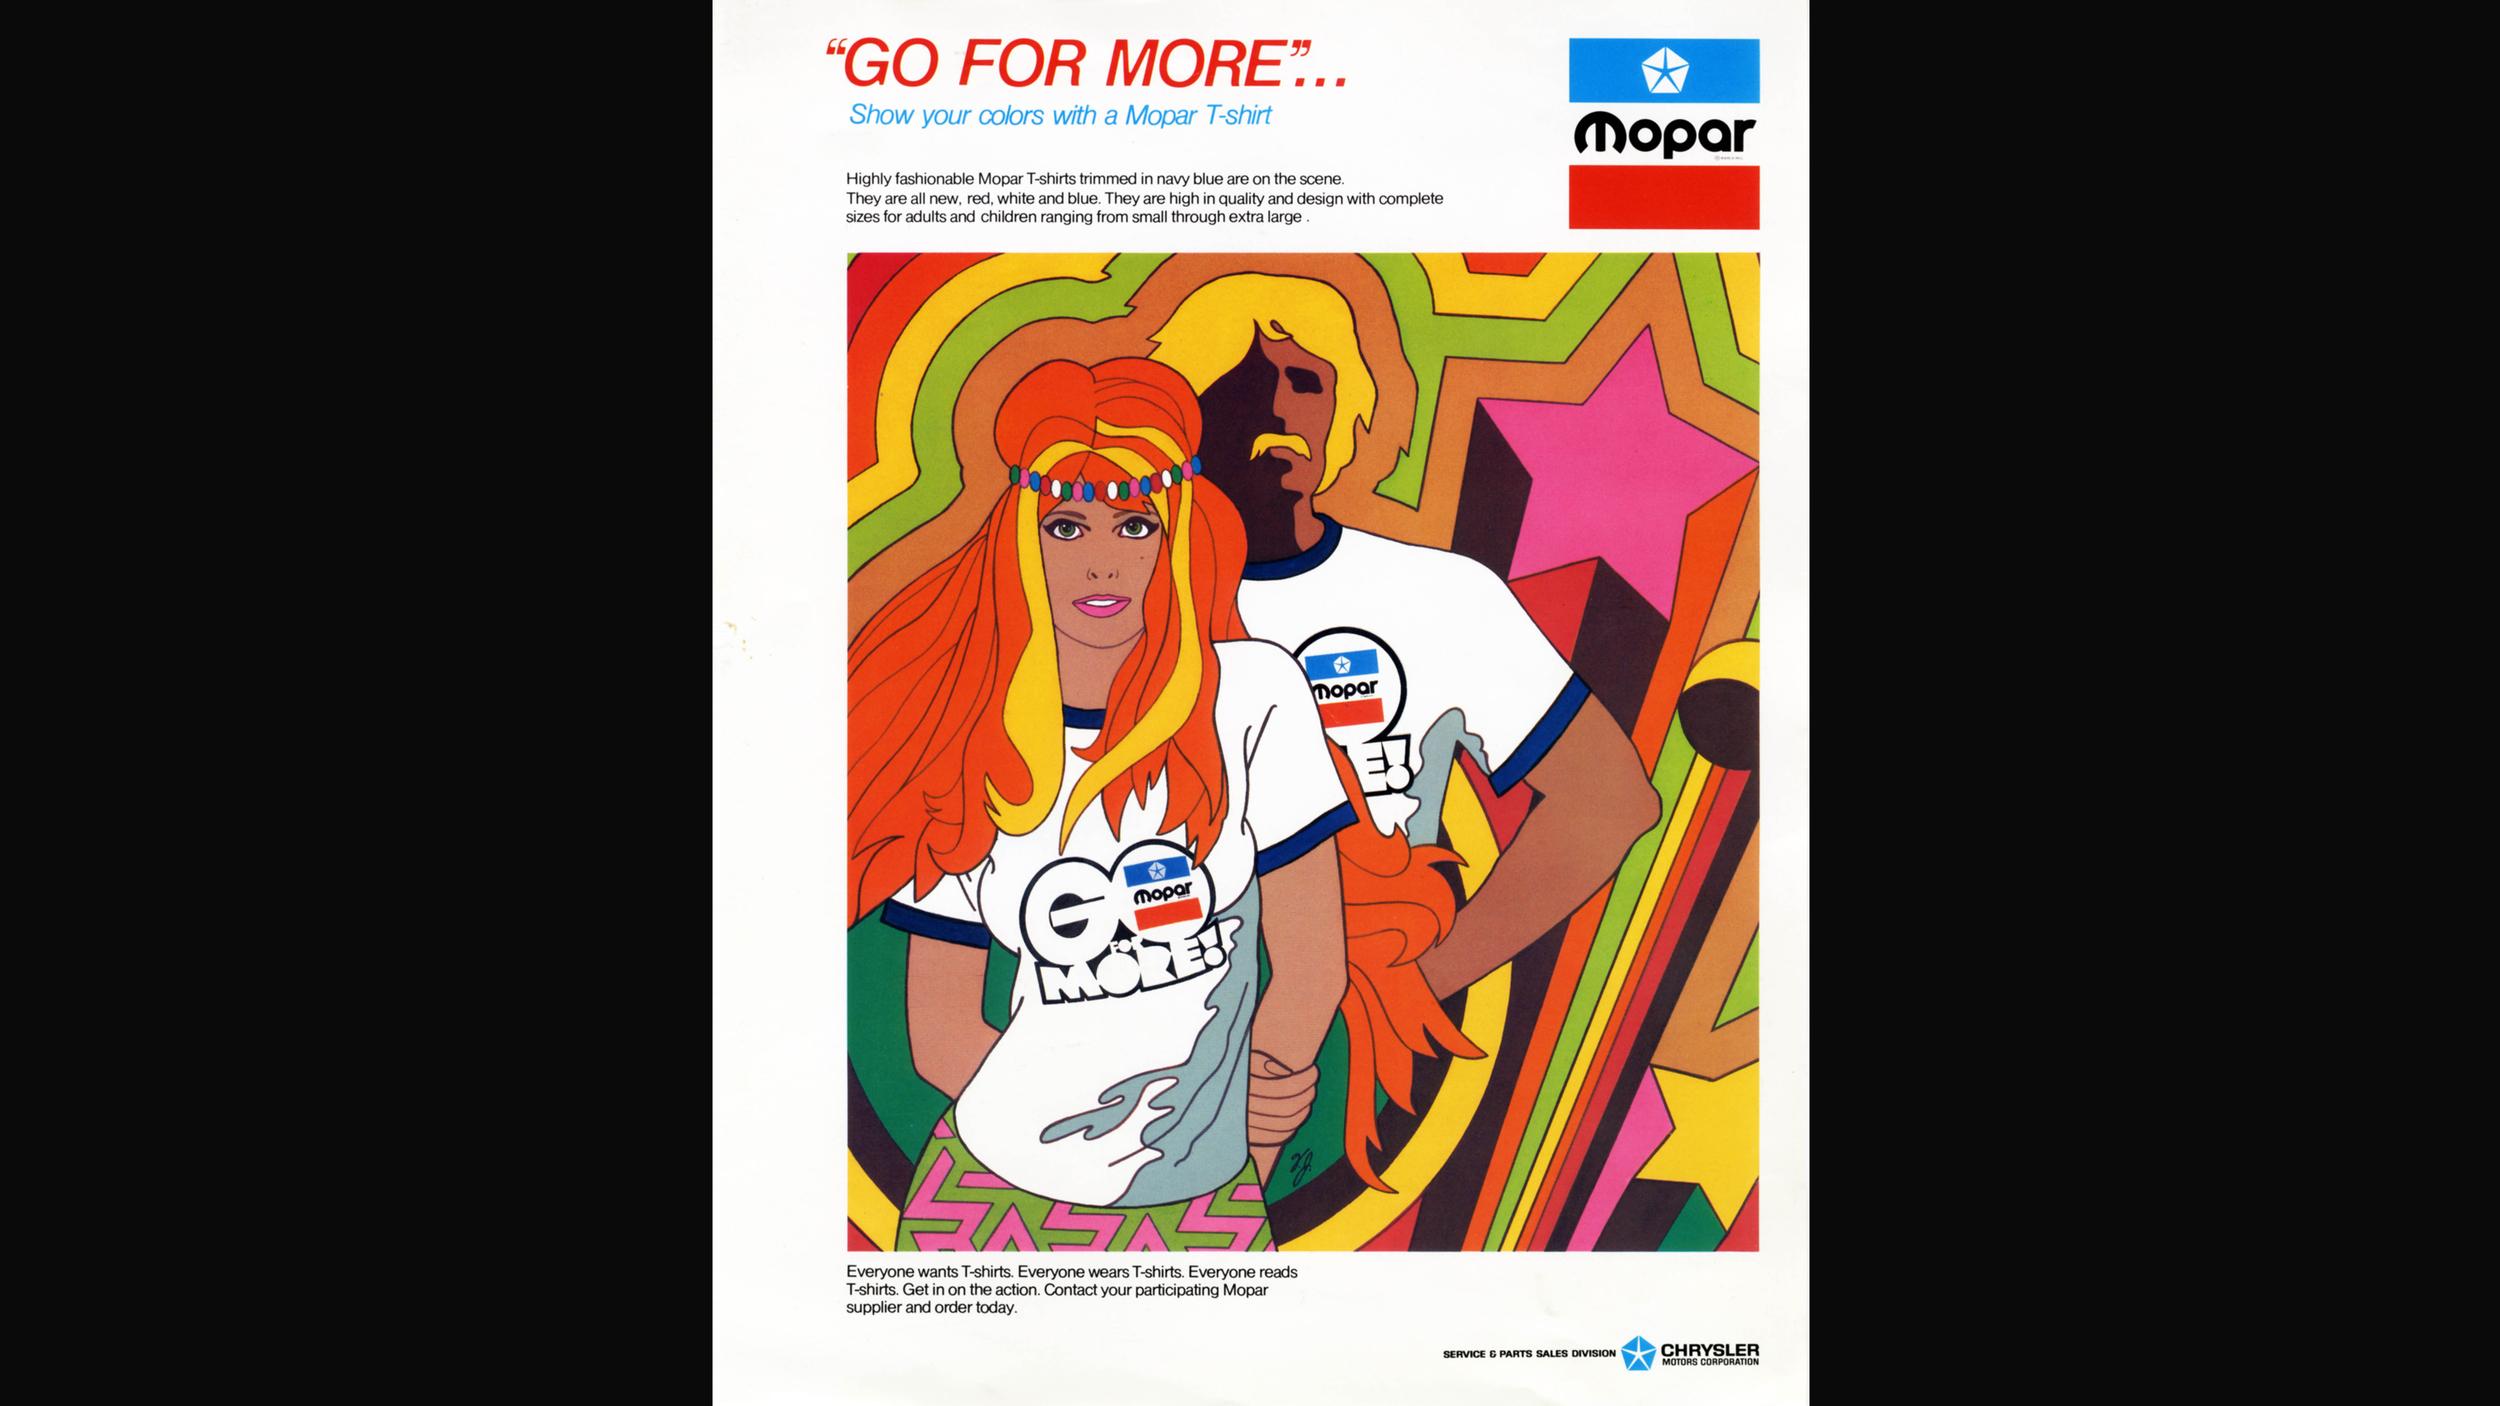 80周年を迎えたMOPARの歴史を、過去の広告で振り返る